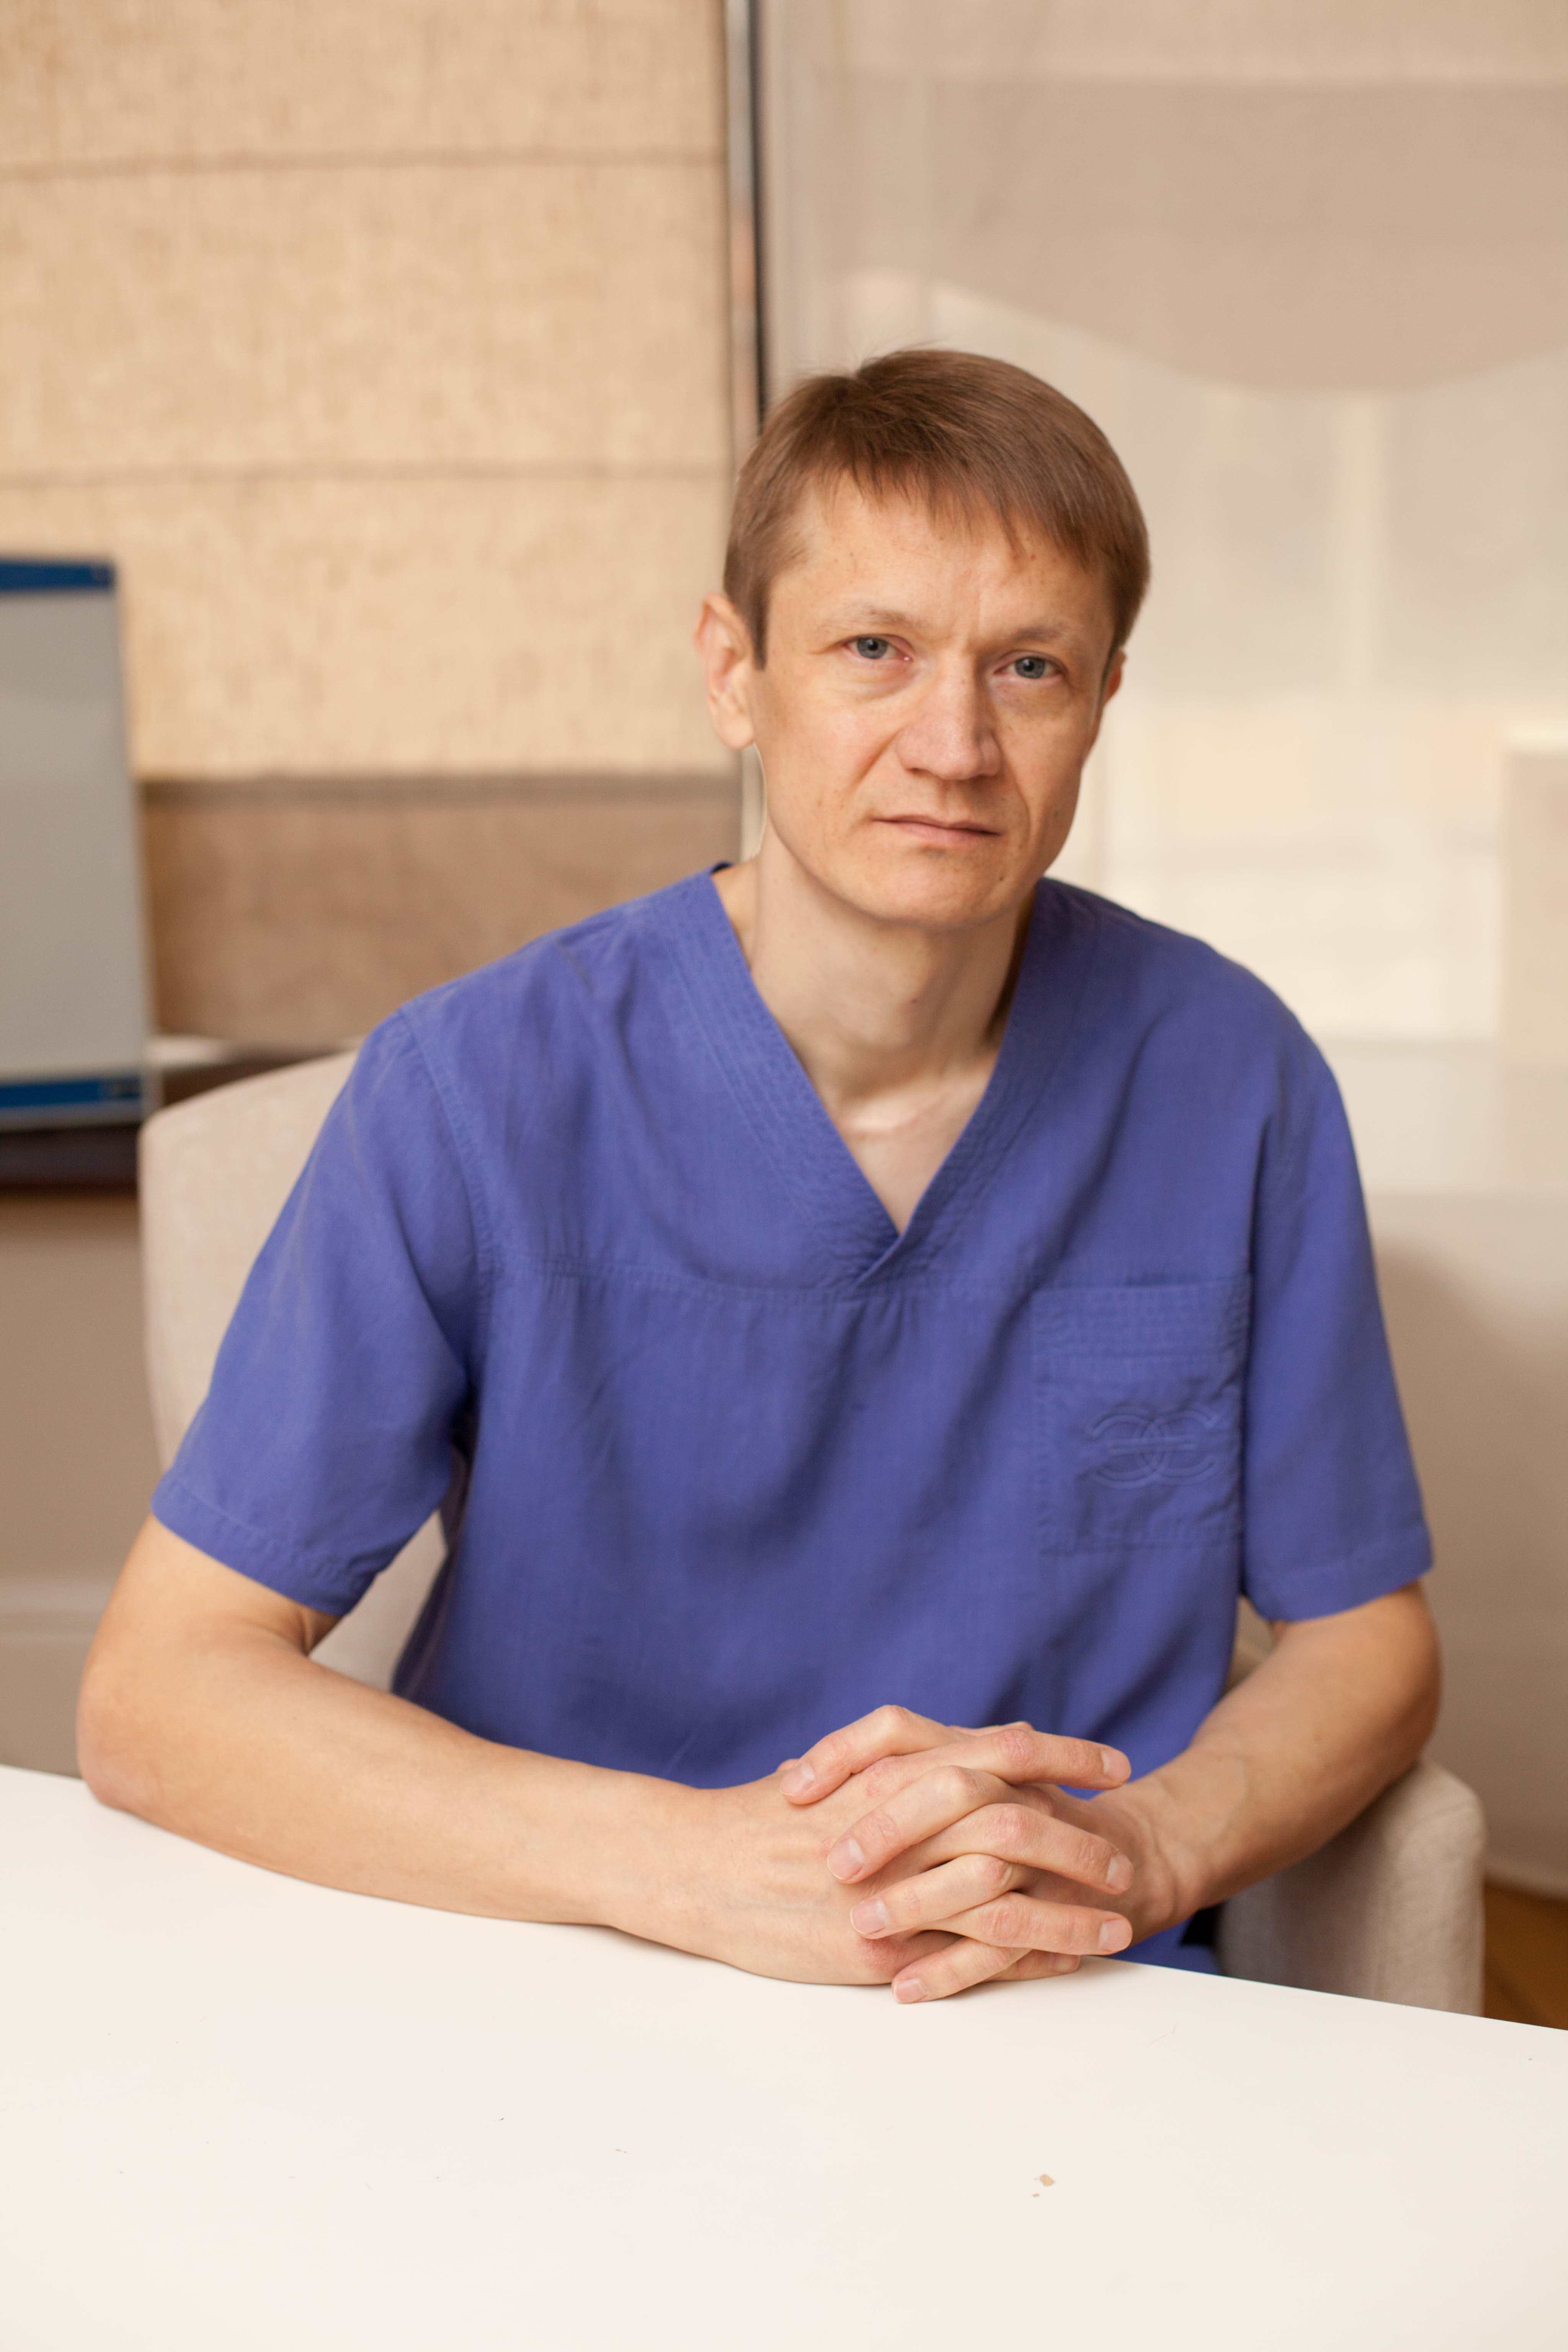 Нехирургическое увеличение груди 17 фотография